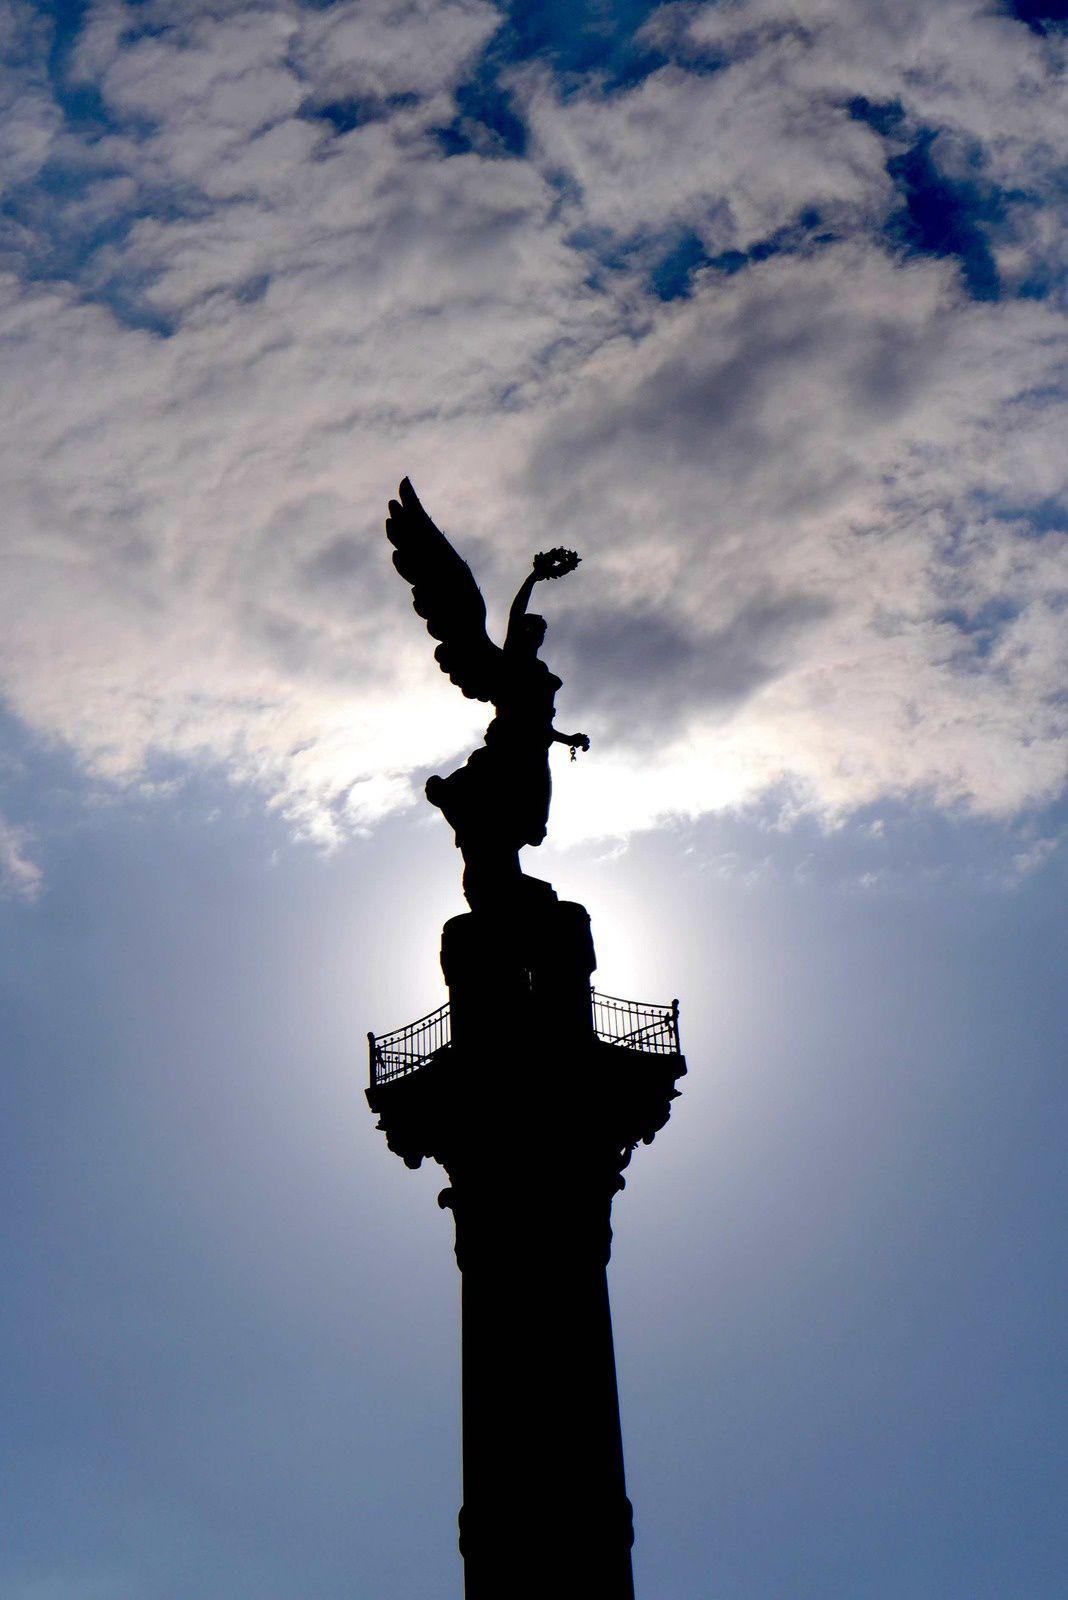 le Monumento a la independencia, plus connu sous le nom d'El Ángel (L'Ange). Toute d'or vêtue, cette Victoire ailée fut dressée sur un piédestal de 45 m de hauteur pour le centenaire de l'indépendance (1910). Le monument sert de mausolée à Miguel Hidalgo, José María Morelos, Ignacio Allende, ainsi qu'à neuf autres figures de la lutte pour l'indépendance. C'est une des images symbole de la ville de Mexico !